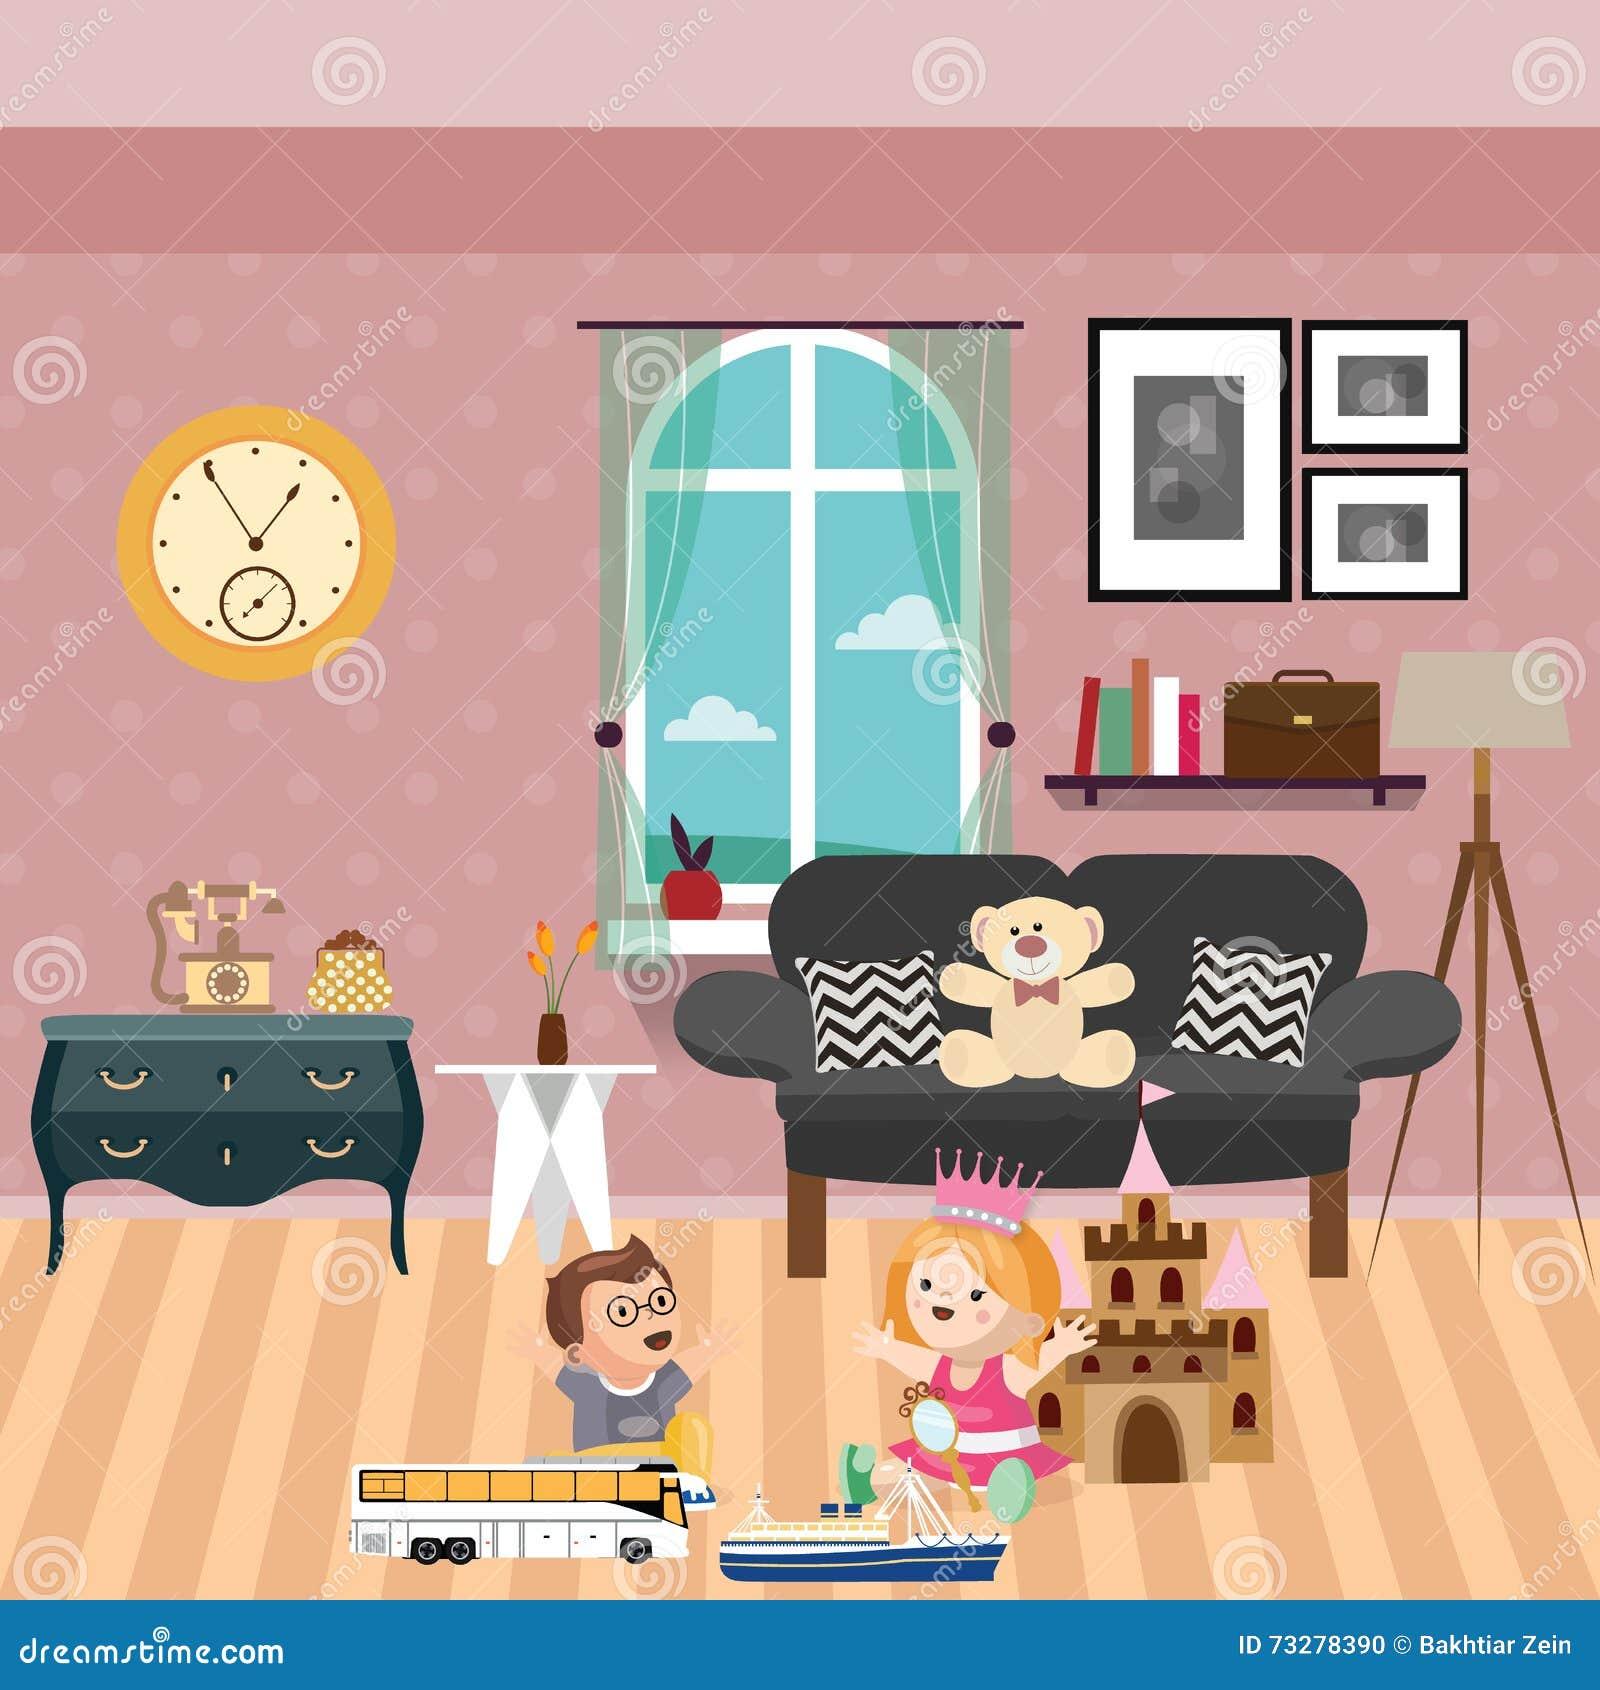 孩子在有后边全部的屋子里使用玩具和玩偶沙发